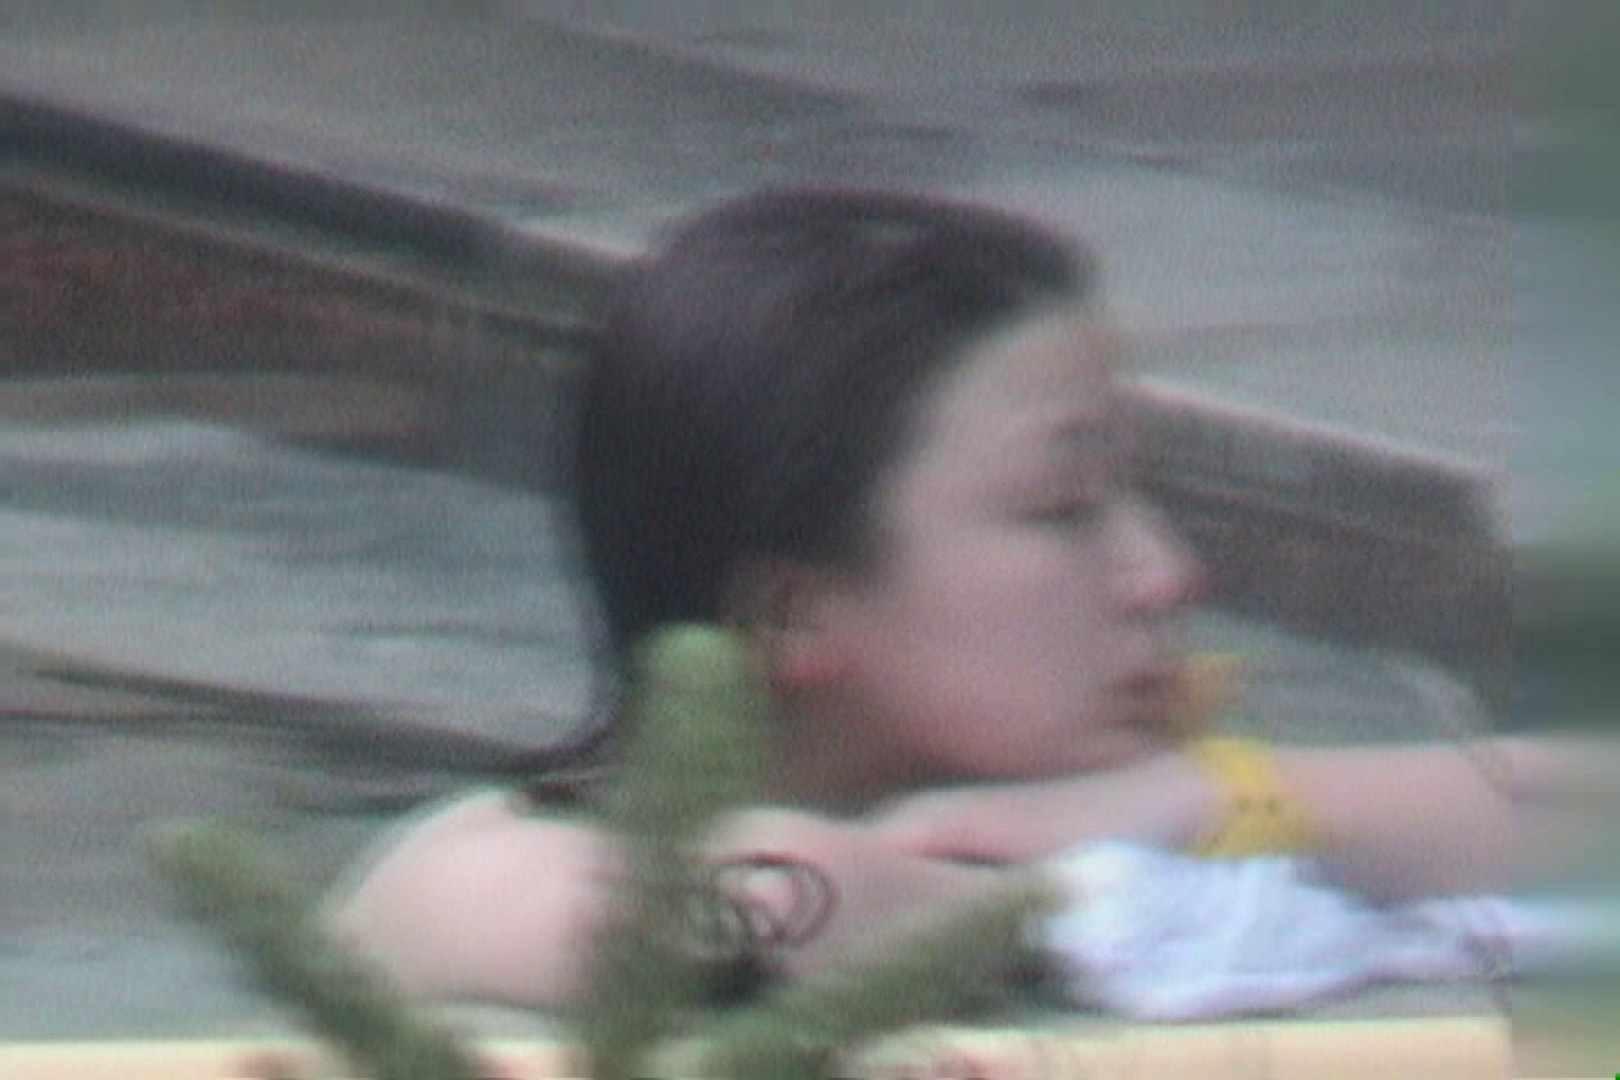 Aquaな露天風呂Vol.599 盗撮シリーズ  93PIX 12